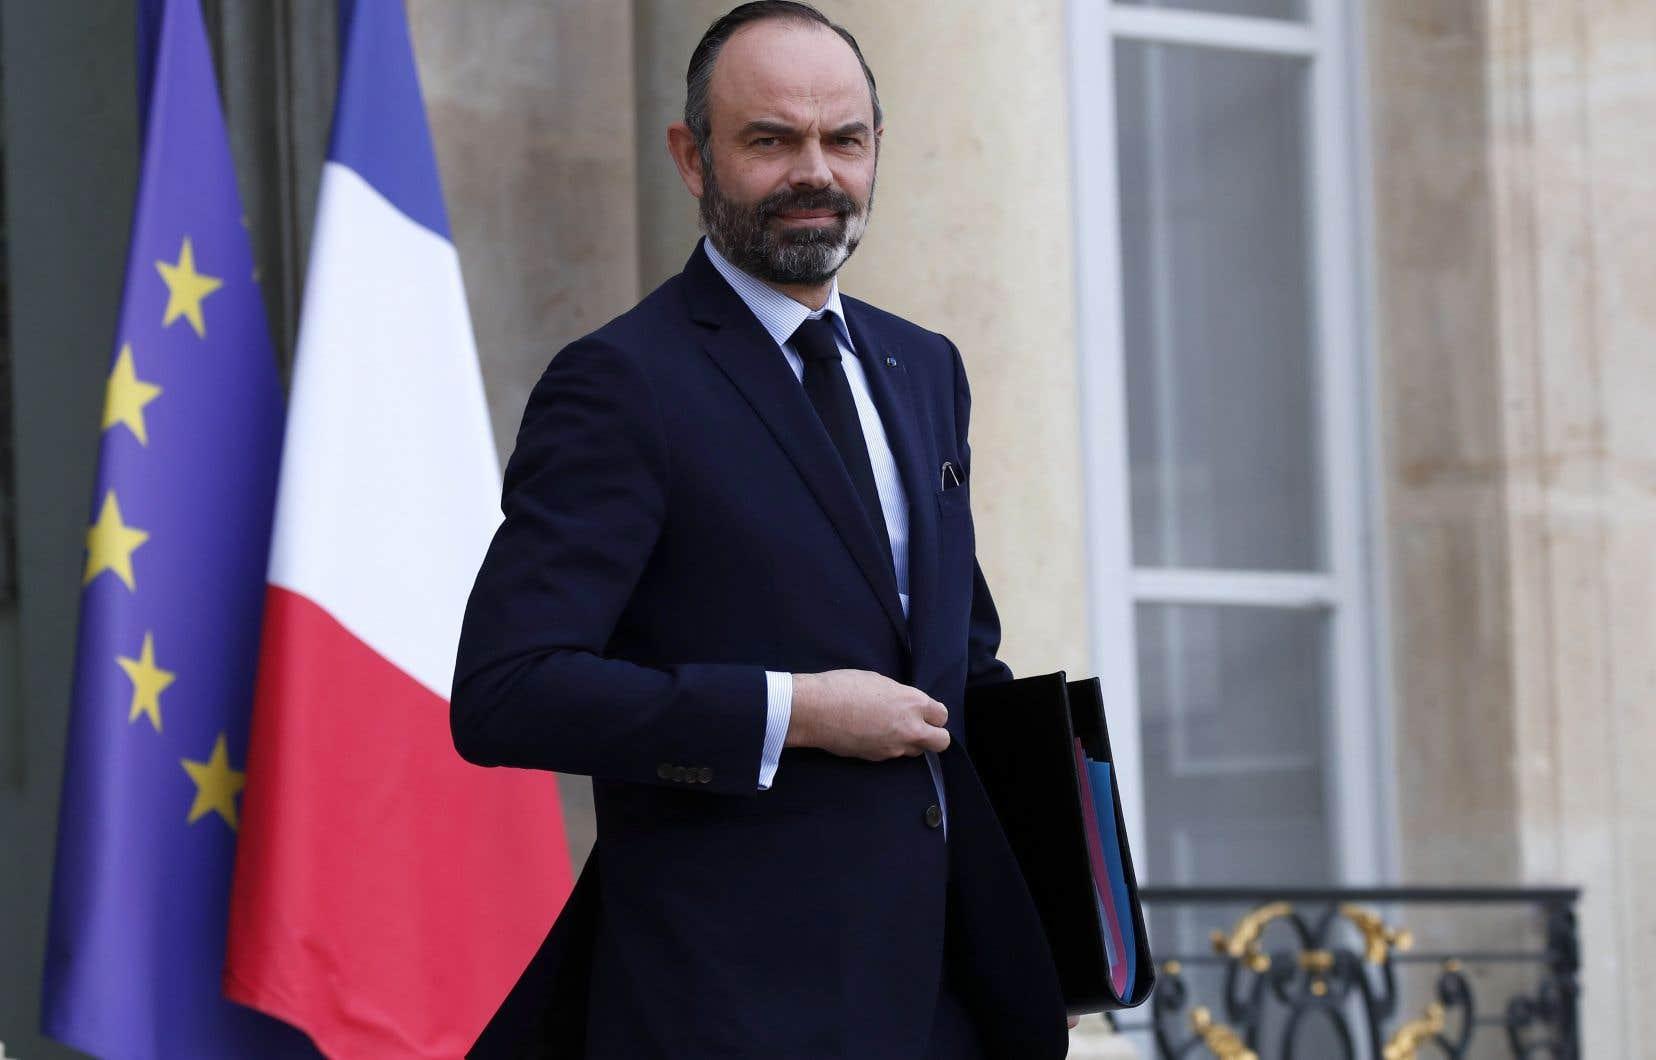 Le premier ministre français, EdouardPhilippe, a expliqué qu'il s'agissait de «mettre fin à cet épisode de non-débat» avec l'opposition et de «permettre à la suite du processus législatif de s'engager».